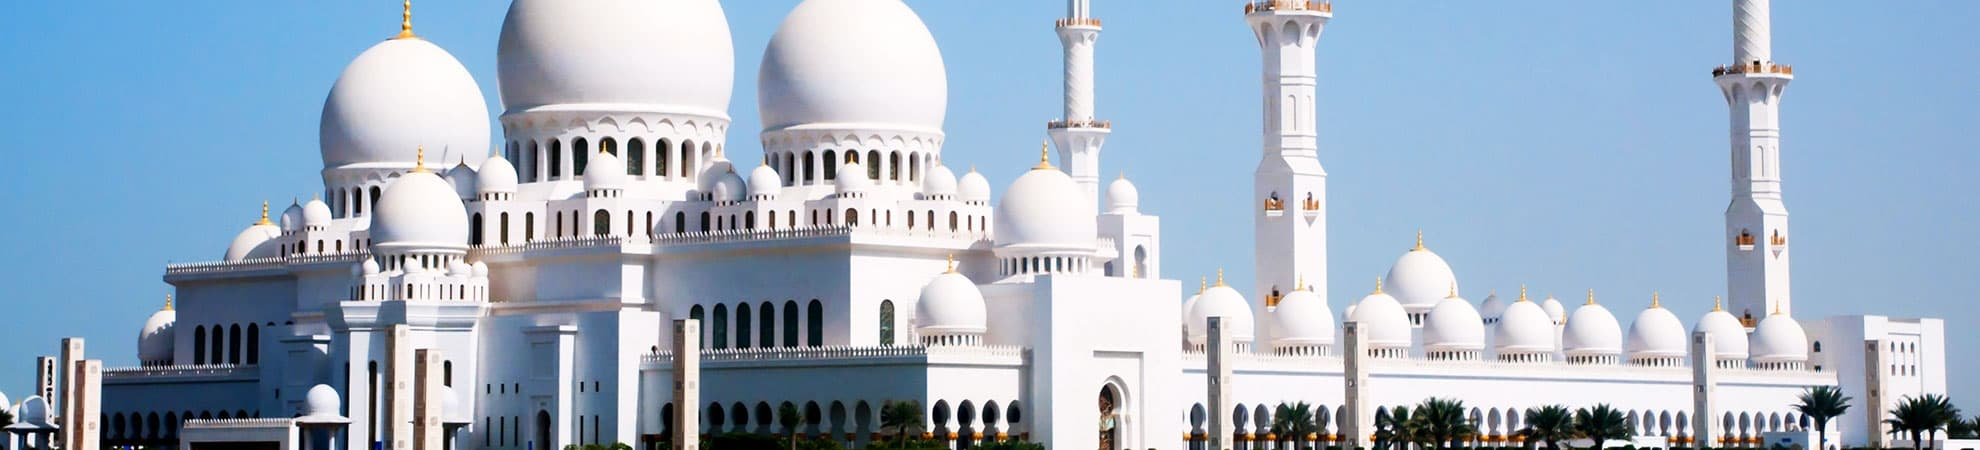 Voyage Abou Dhabi